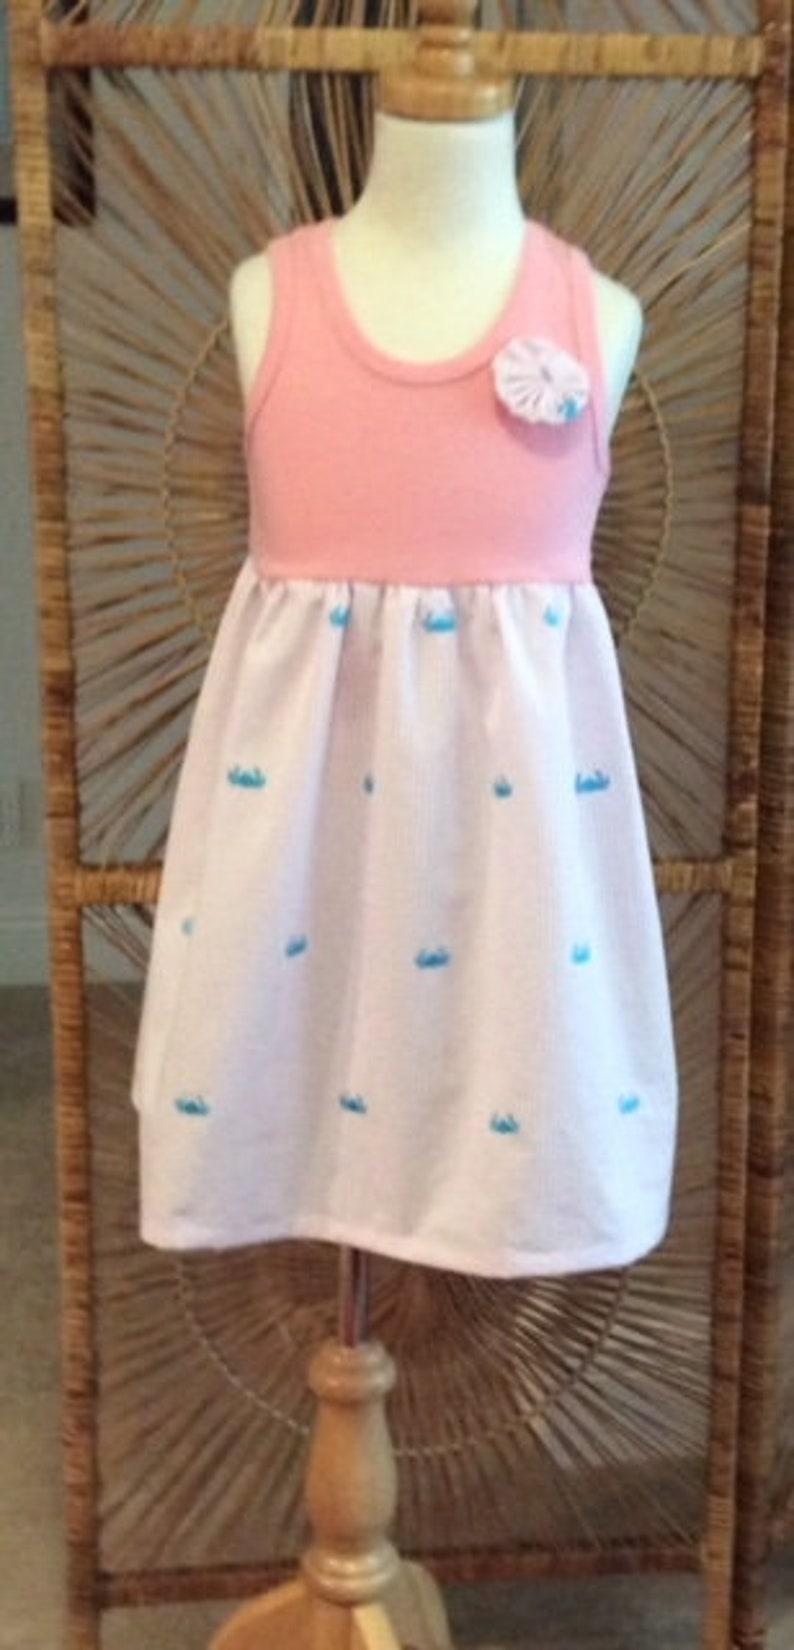 sizes 6mo Crisp pink seersucker with embroidered turquoise crabs.. SEERSUCKER CRABS TANK dress 8 years...lots of coordinates!